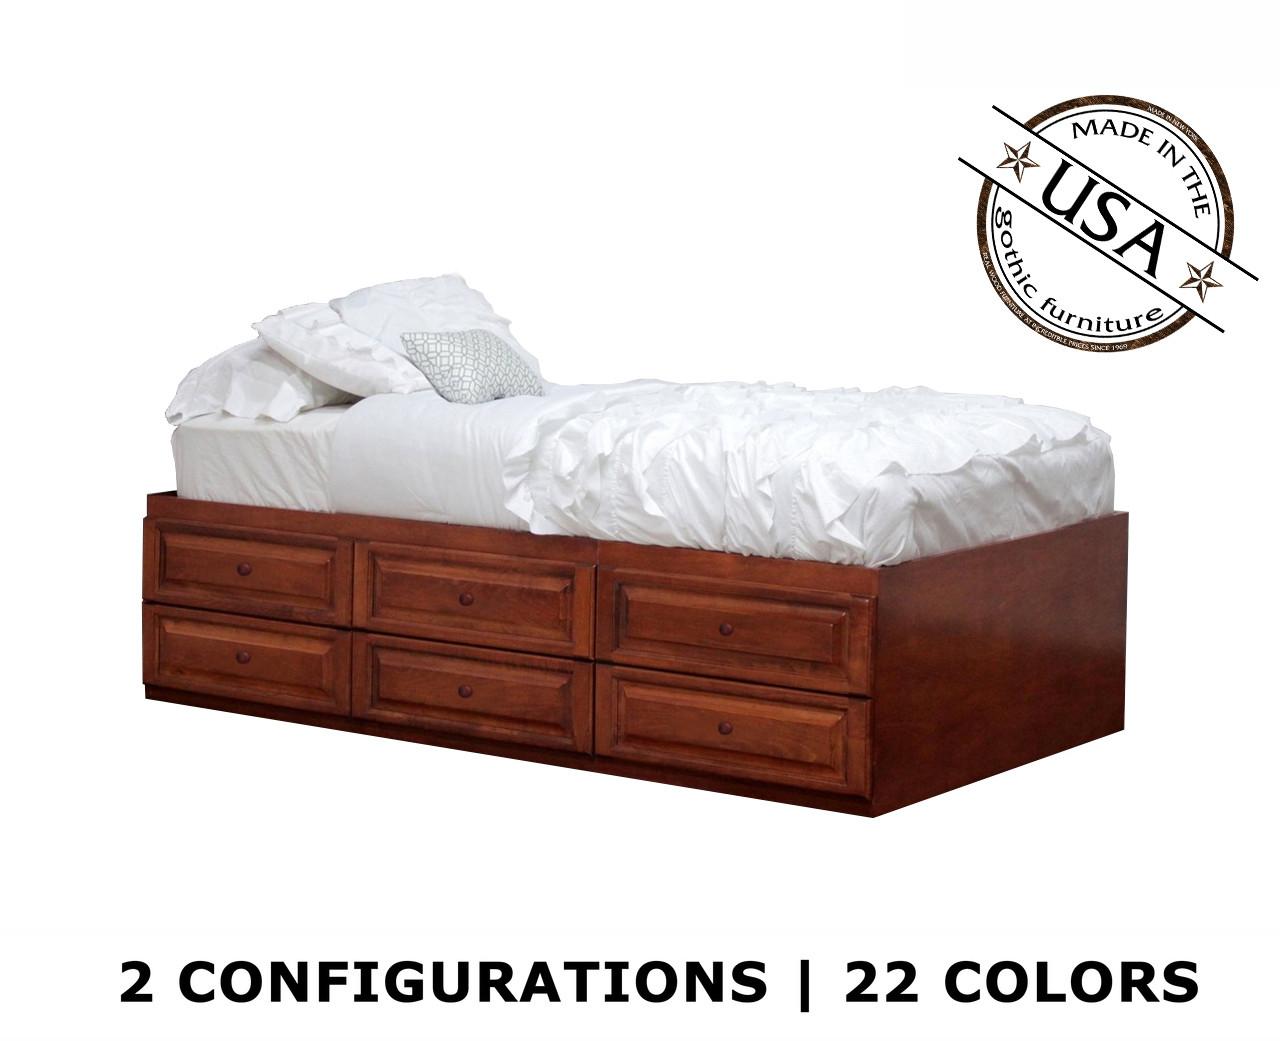 - Twin XL Raised Panel Storage Bed Birch Wood Gothic Furniture